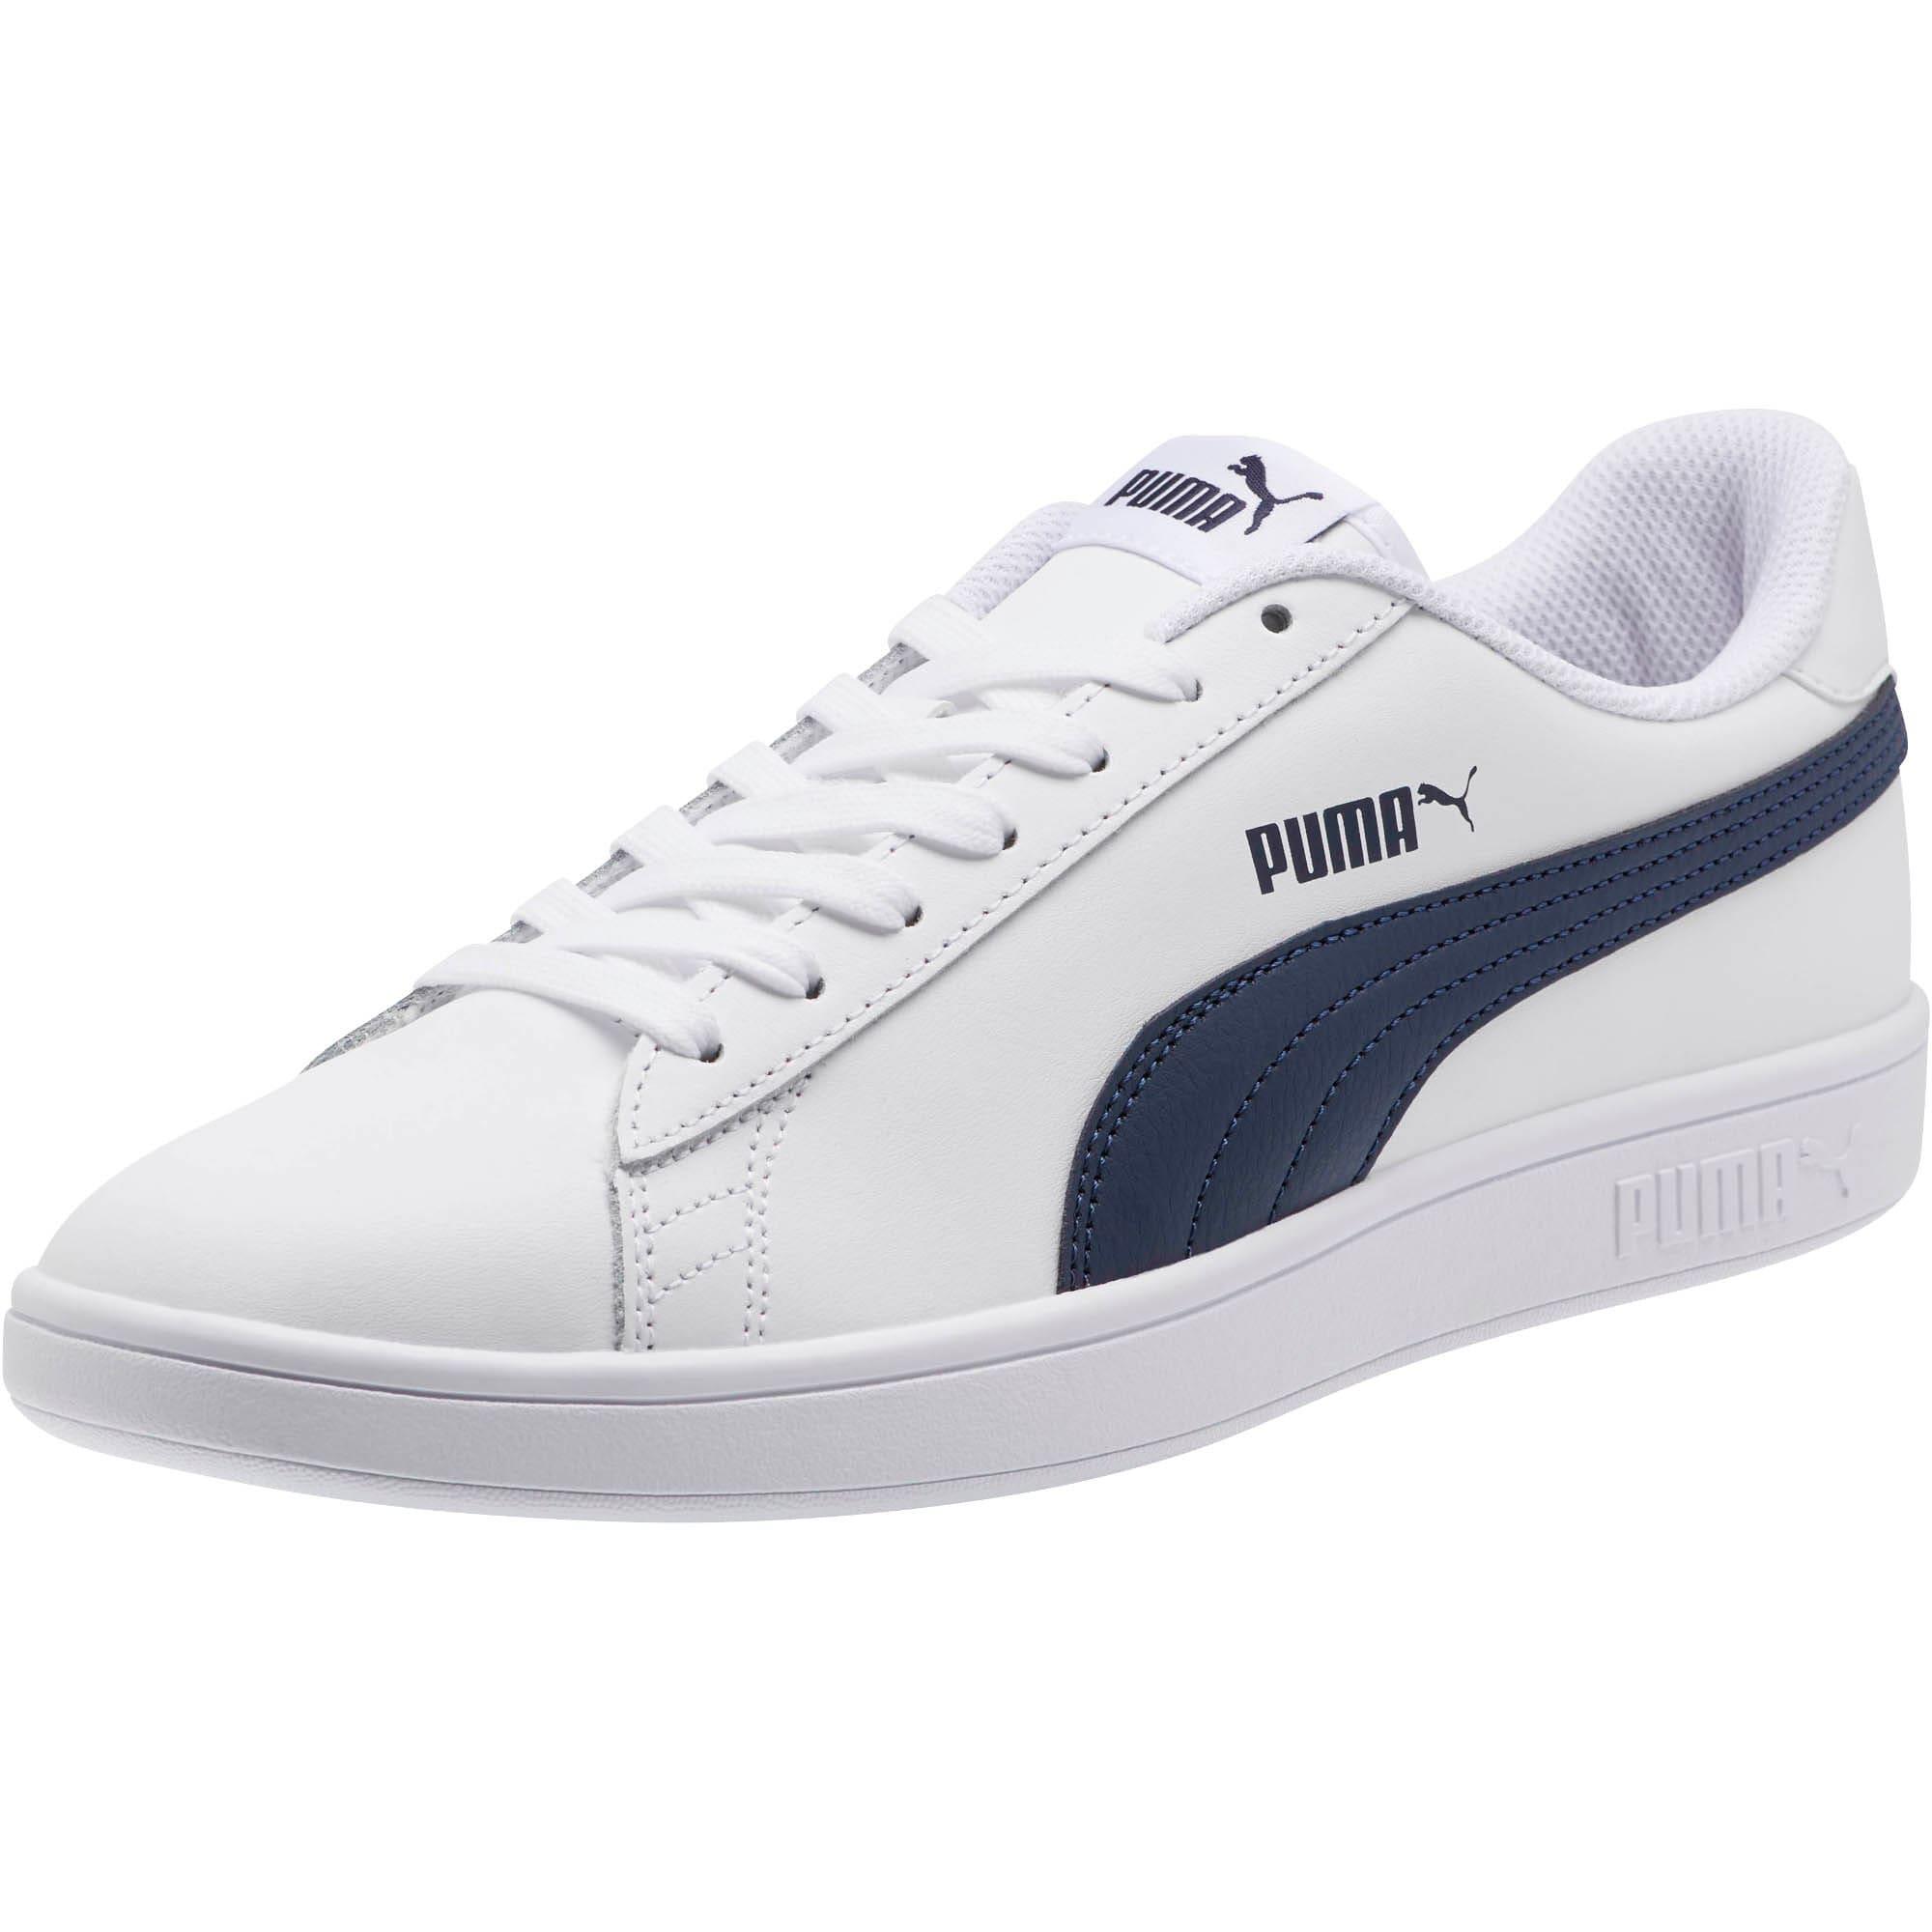 Miniatura 1 de Zapatos deportivosPUMA Smash v2, Puma White-Peacoat, mediano